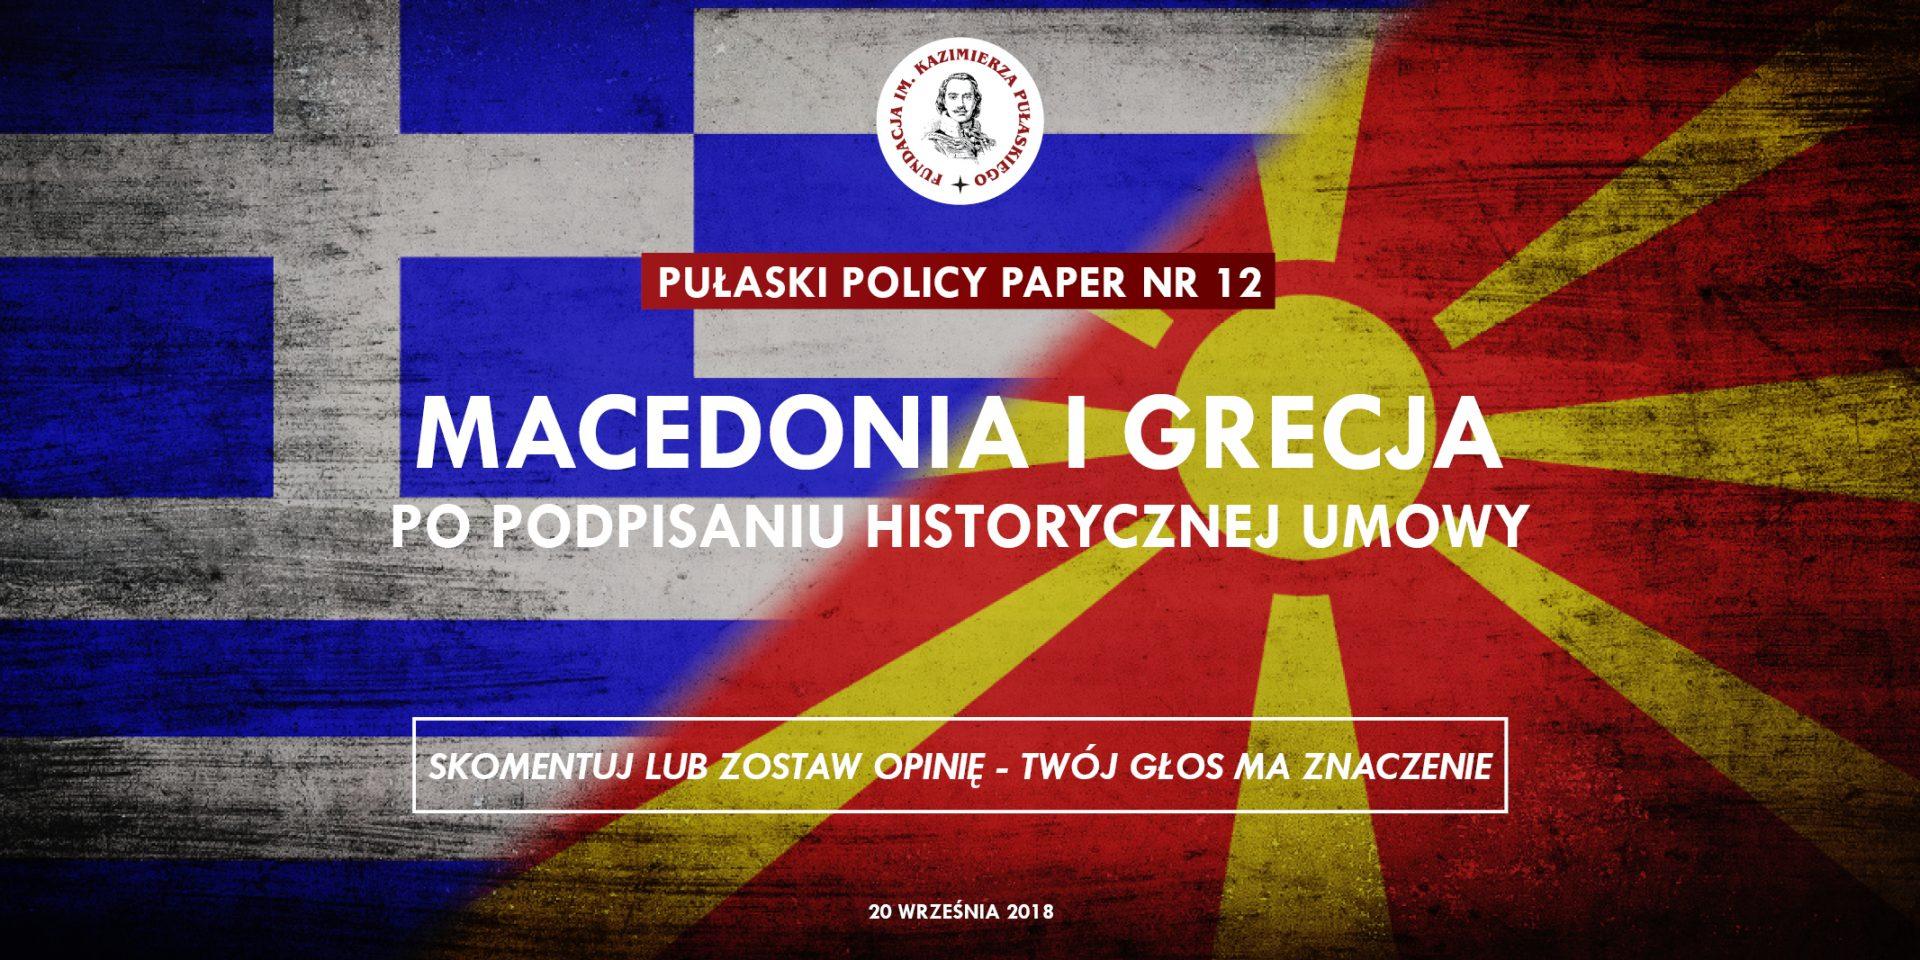 PULASKI POLICY PAPER – A. Domachowska: Macedonia iGrecja popodpisaniu historycznej umowy